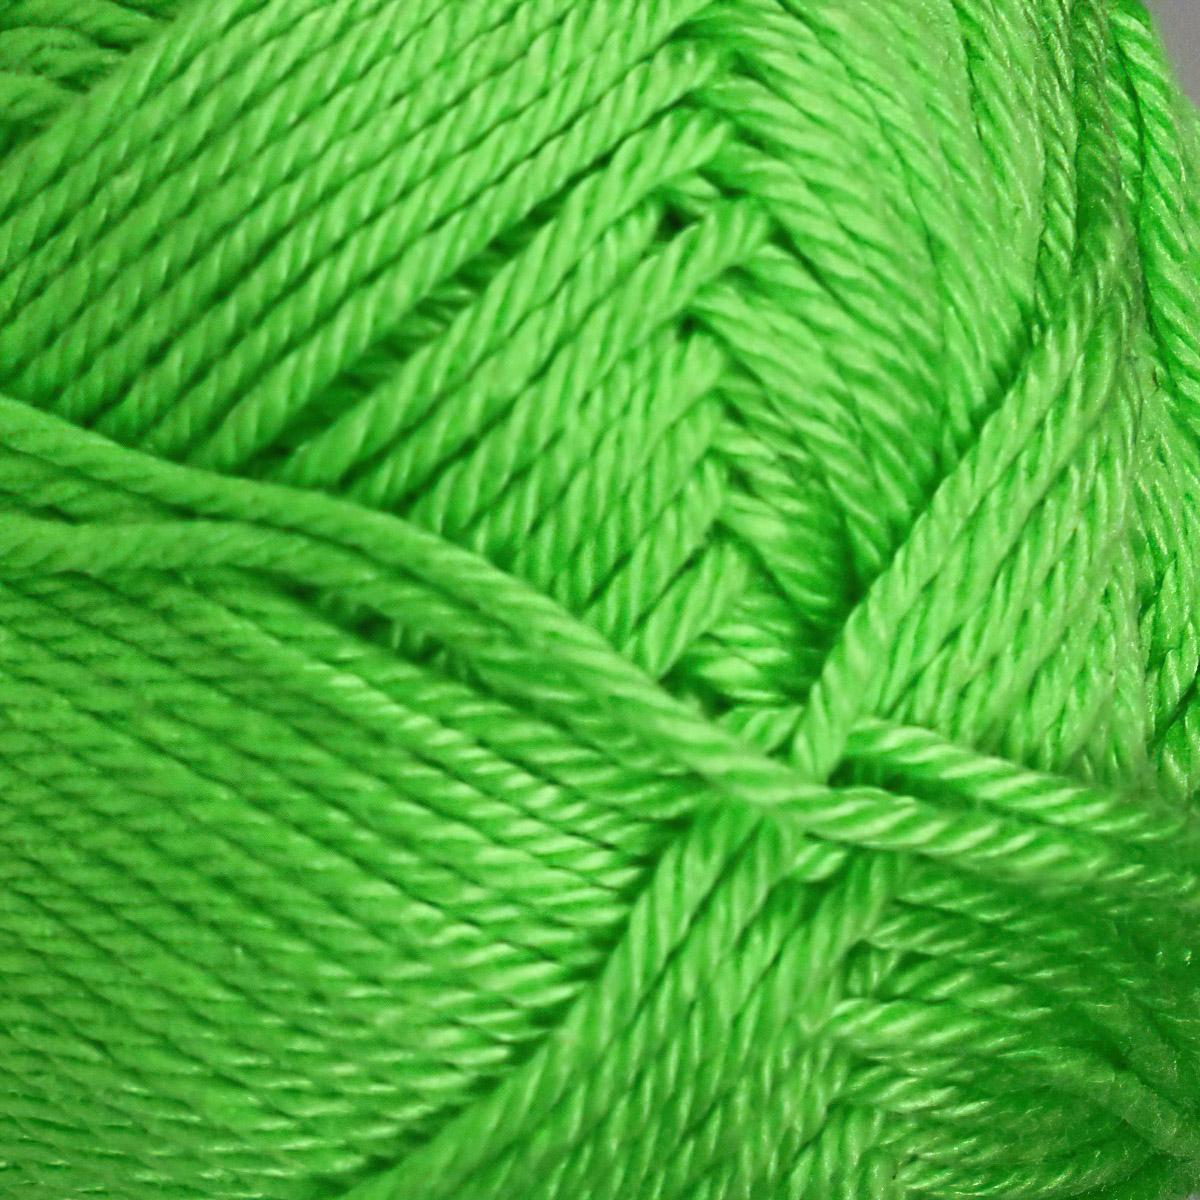 Pletací / háčkovací příze STOREX CAMILA NATURAL 155 zelená, jednobarevná, 50g/125m